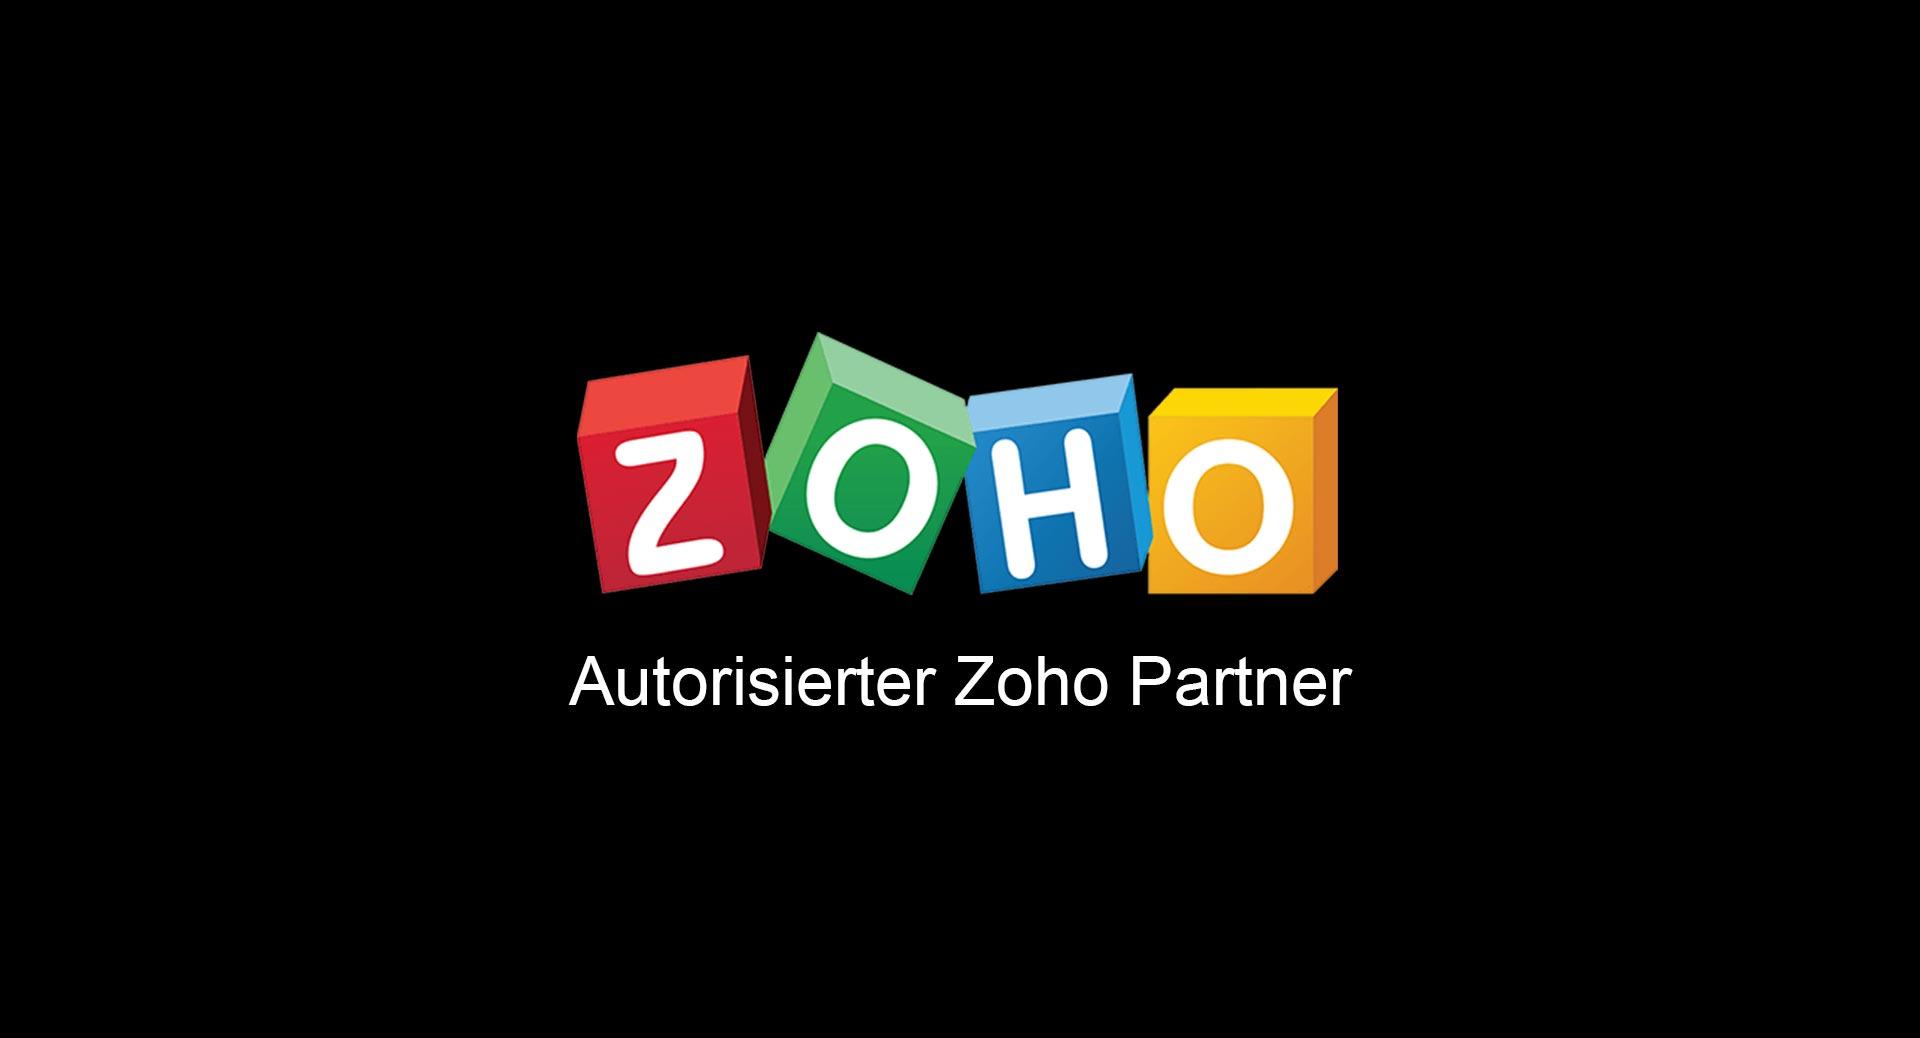 id_zoho_partner